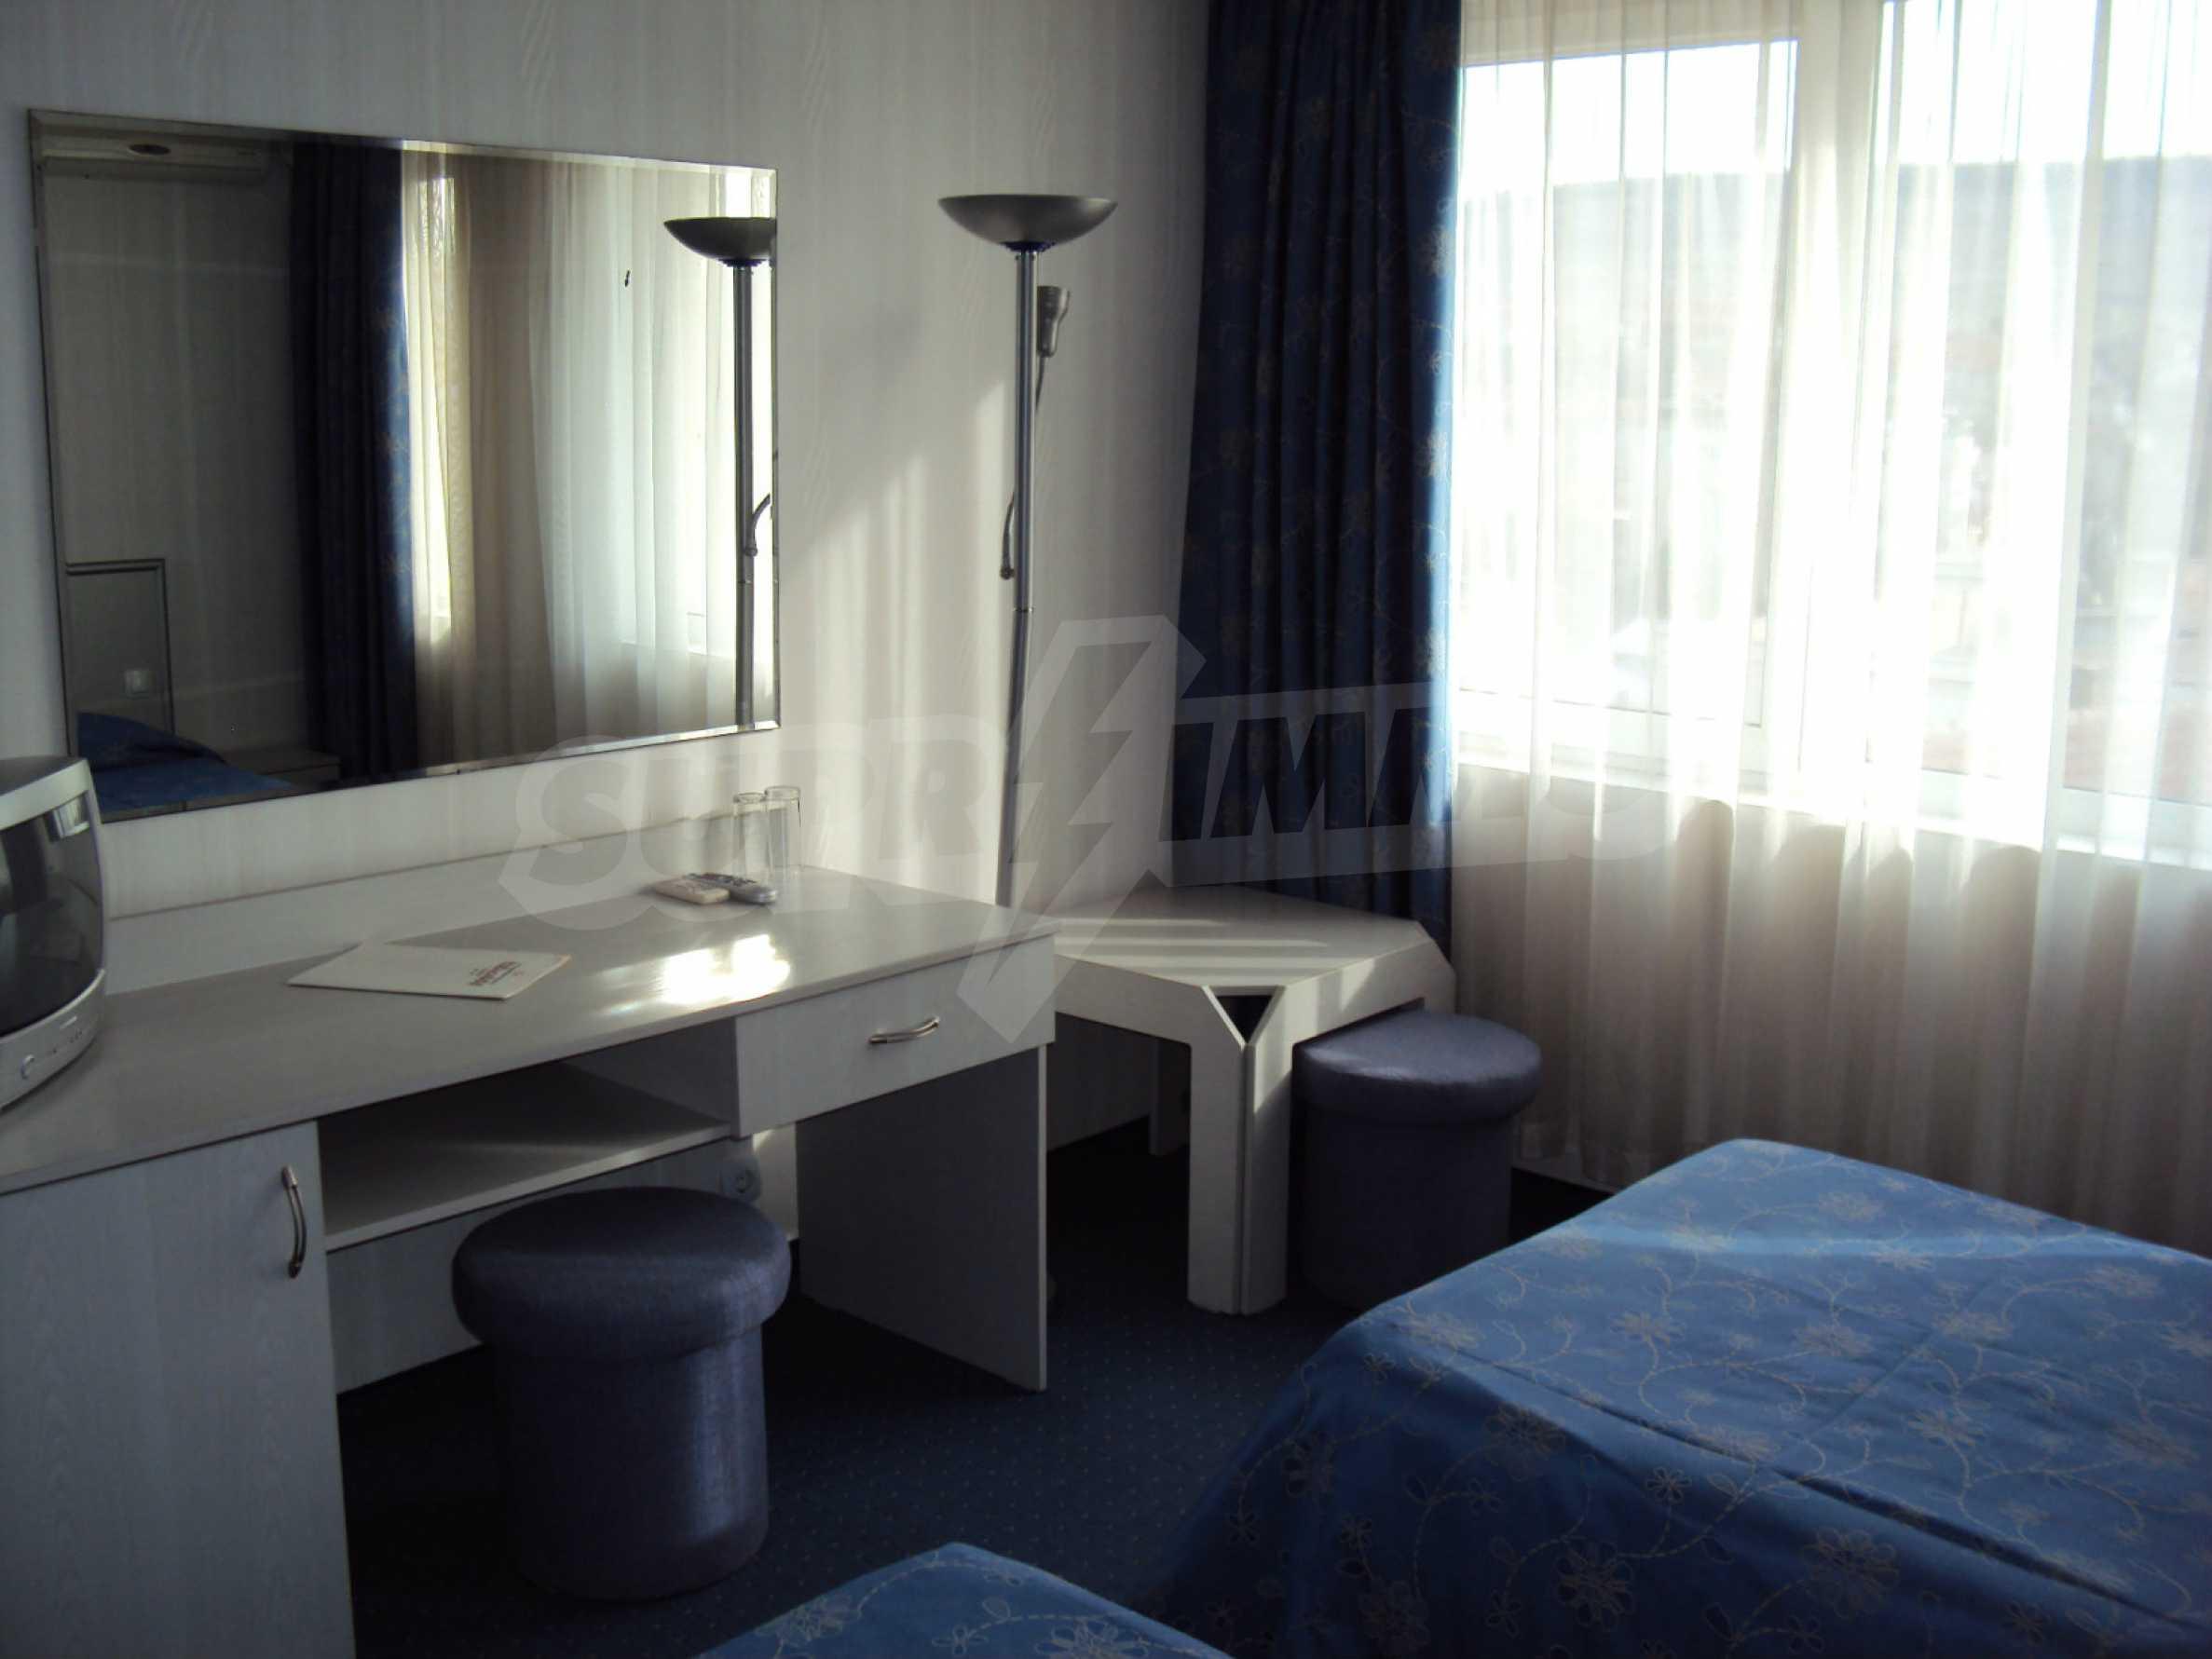 Hotel zum Verkauf in perfekter Toplage 22